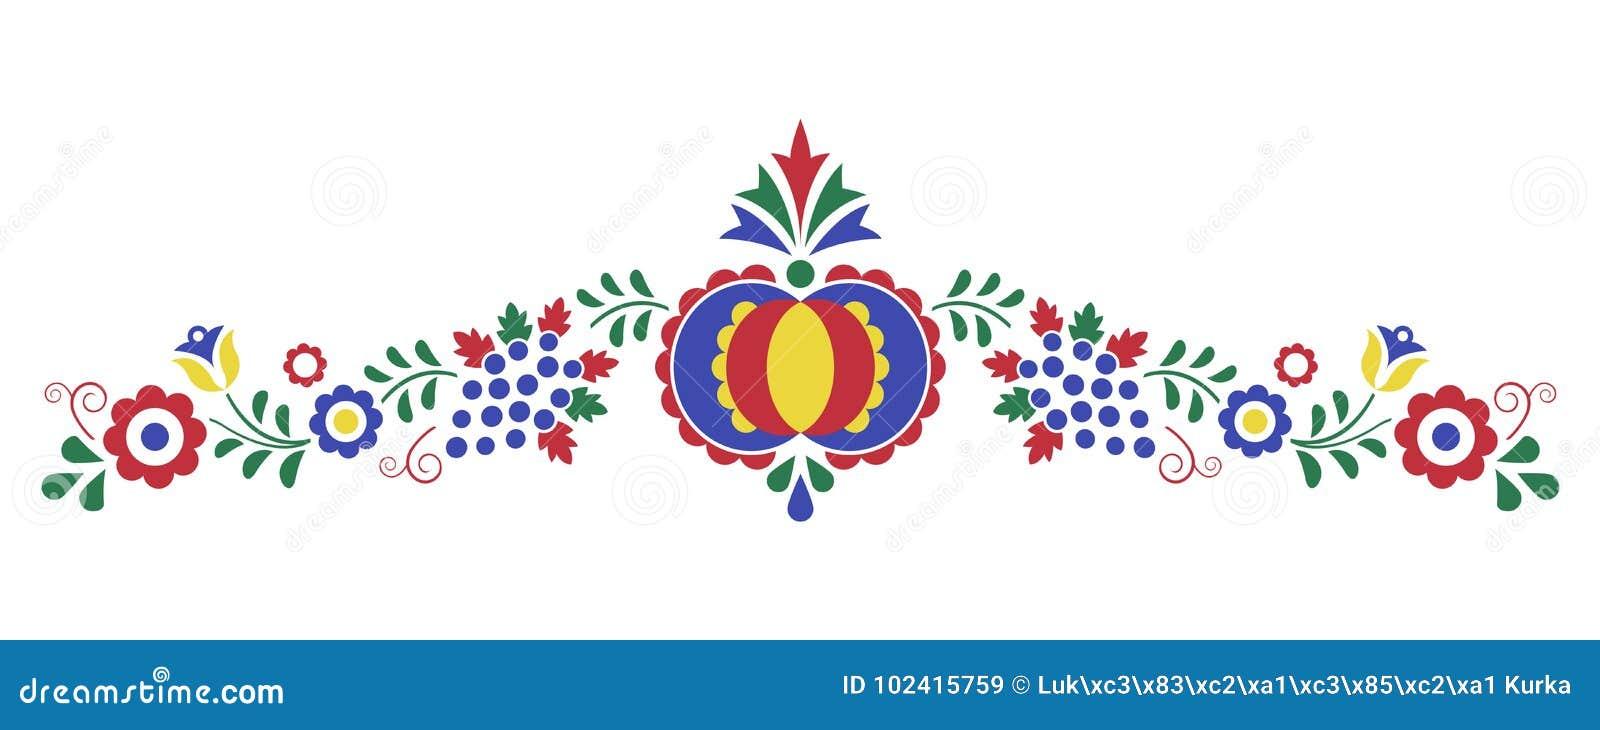 Традиционный фольклорный орнамент, орнамент Moravian